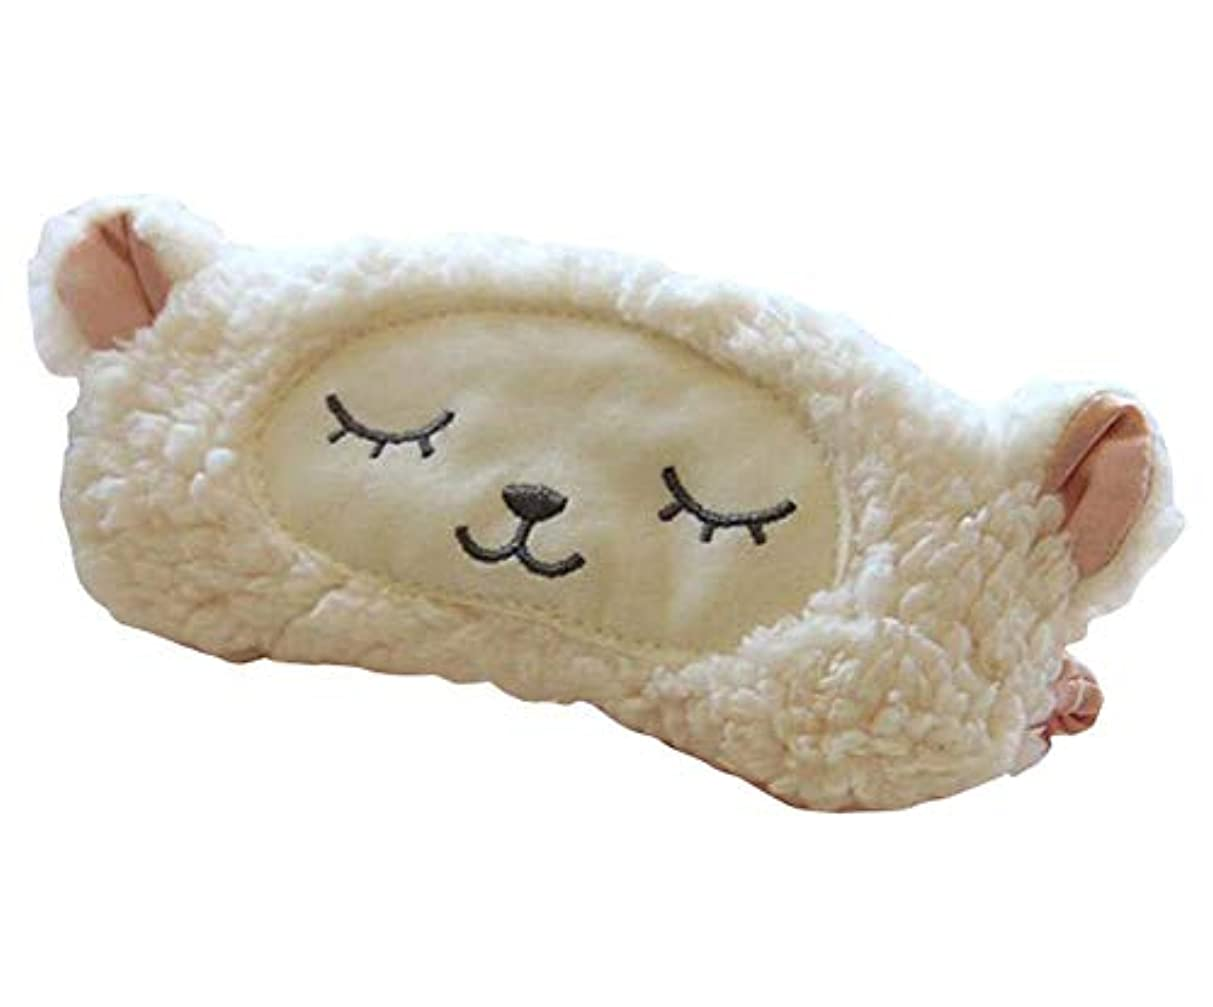 肌寒い魅力的であることへのアピールケントかわいい動物漫画羊睡眠アイマスクソフトアイカバー目隠しマスク